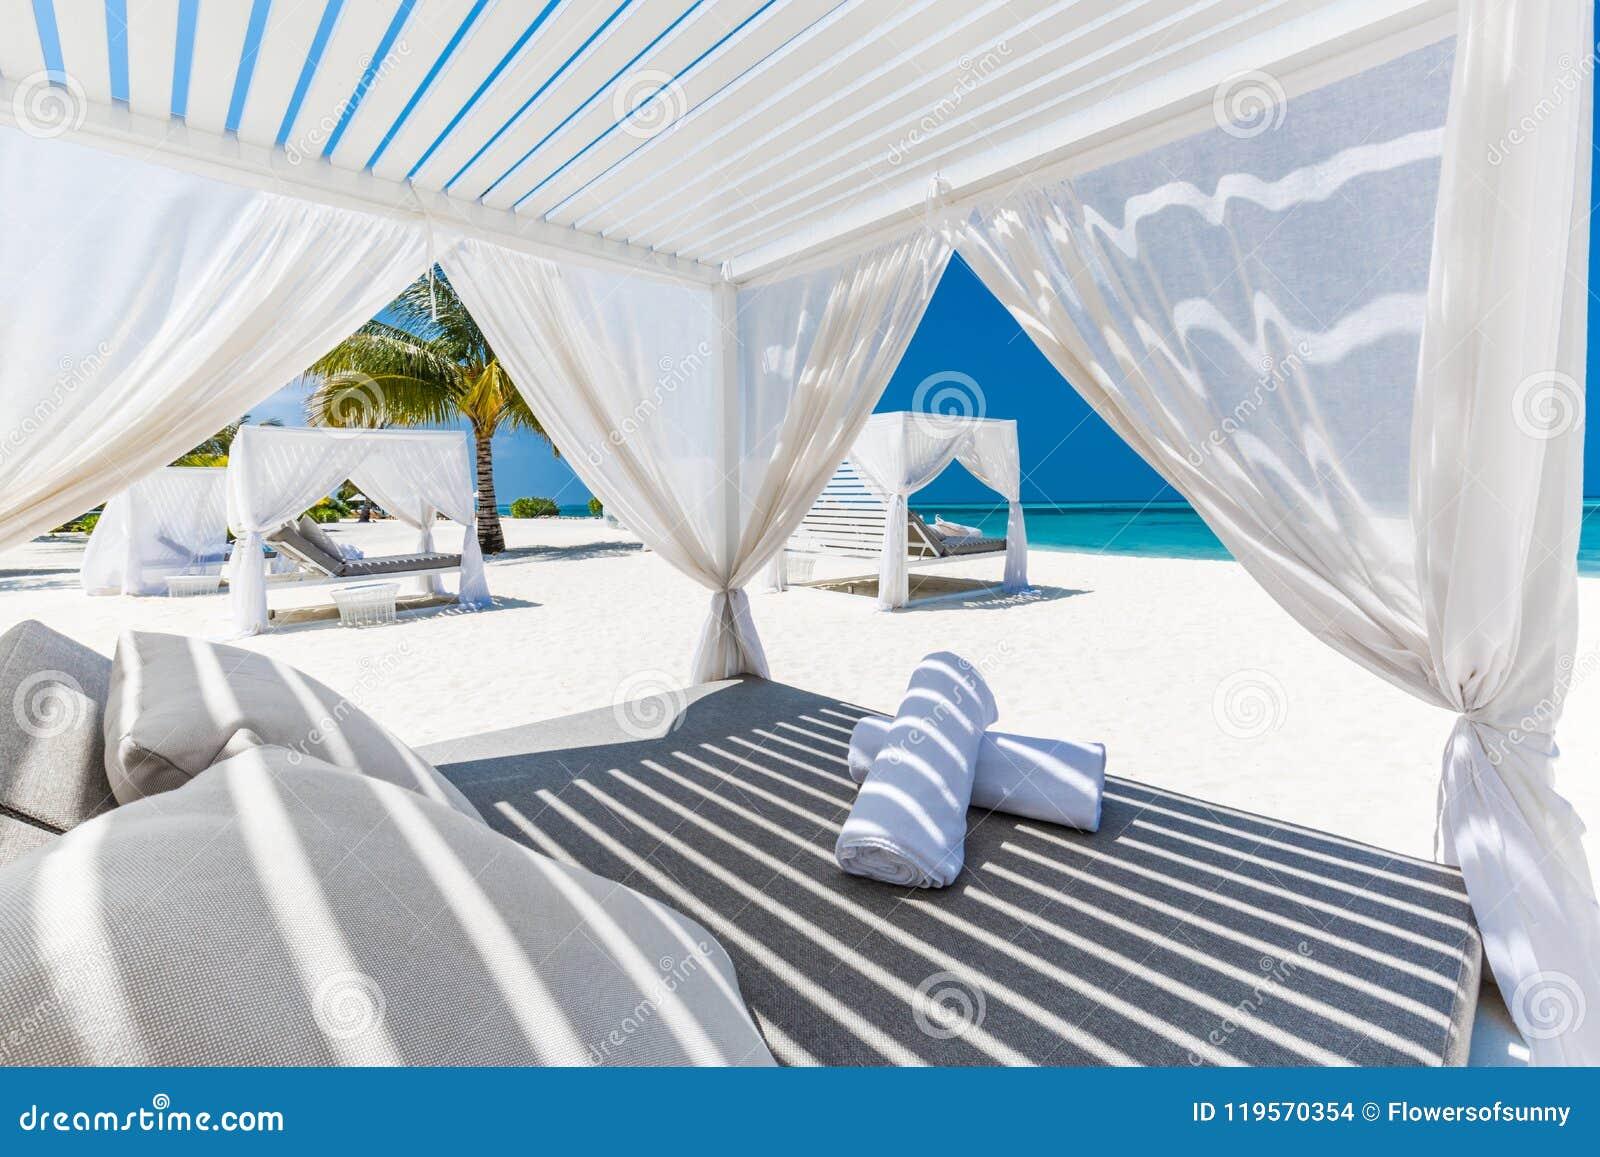 美好的海滩场面和海滩机盖豪华海滩和暑假和假期概念的 激动人心的热带背景